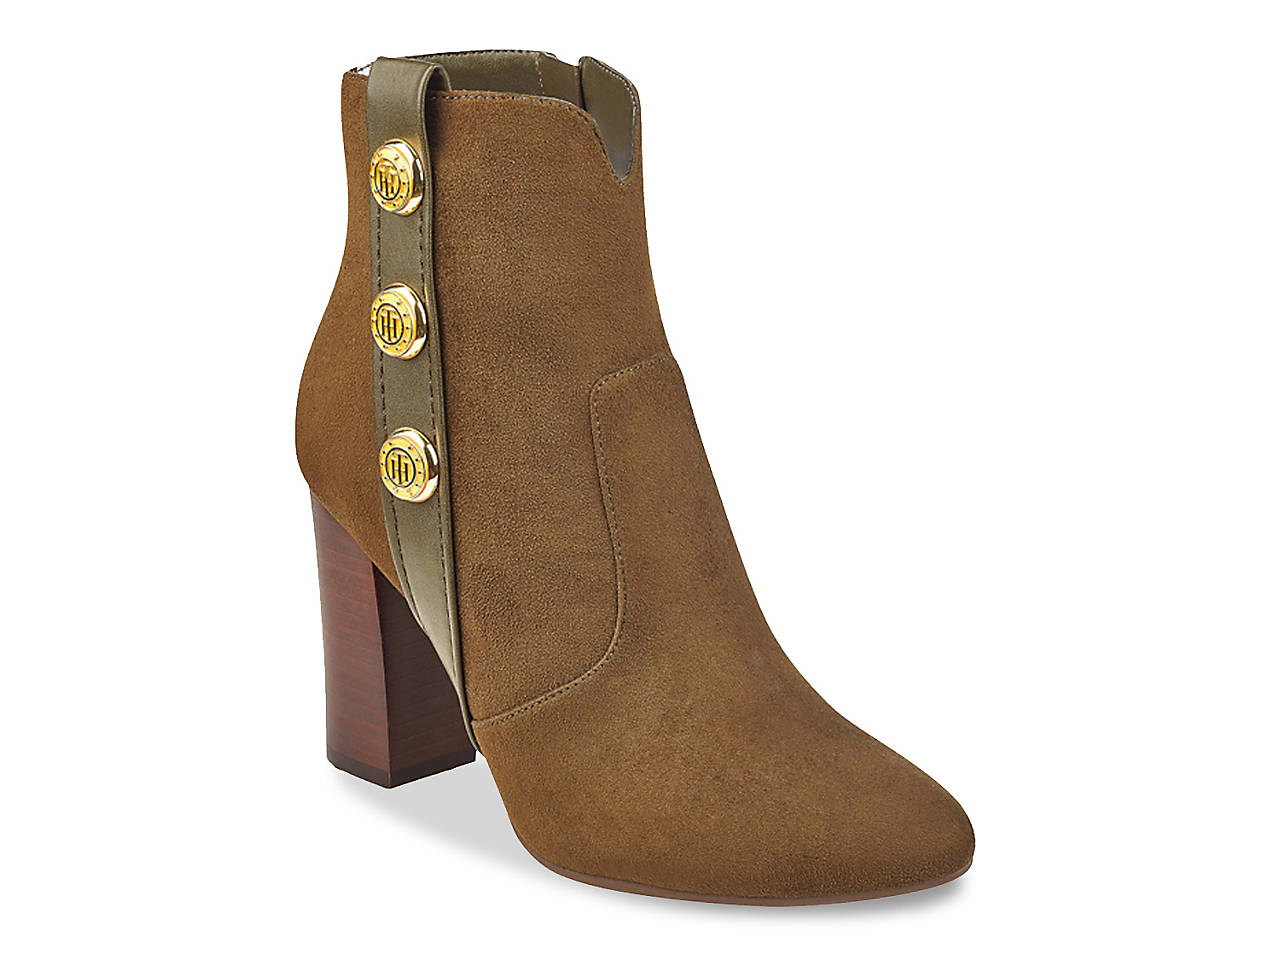 8626ed59dea5 Tommy Hilfiger Domain Bootie Women s Shoes